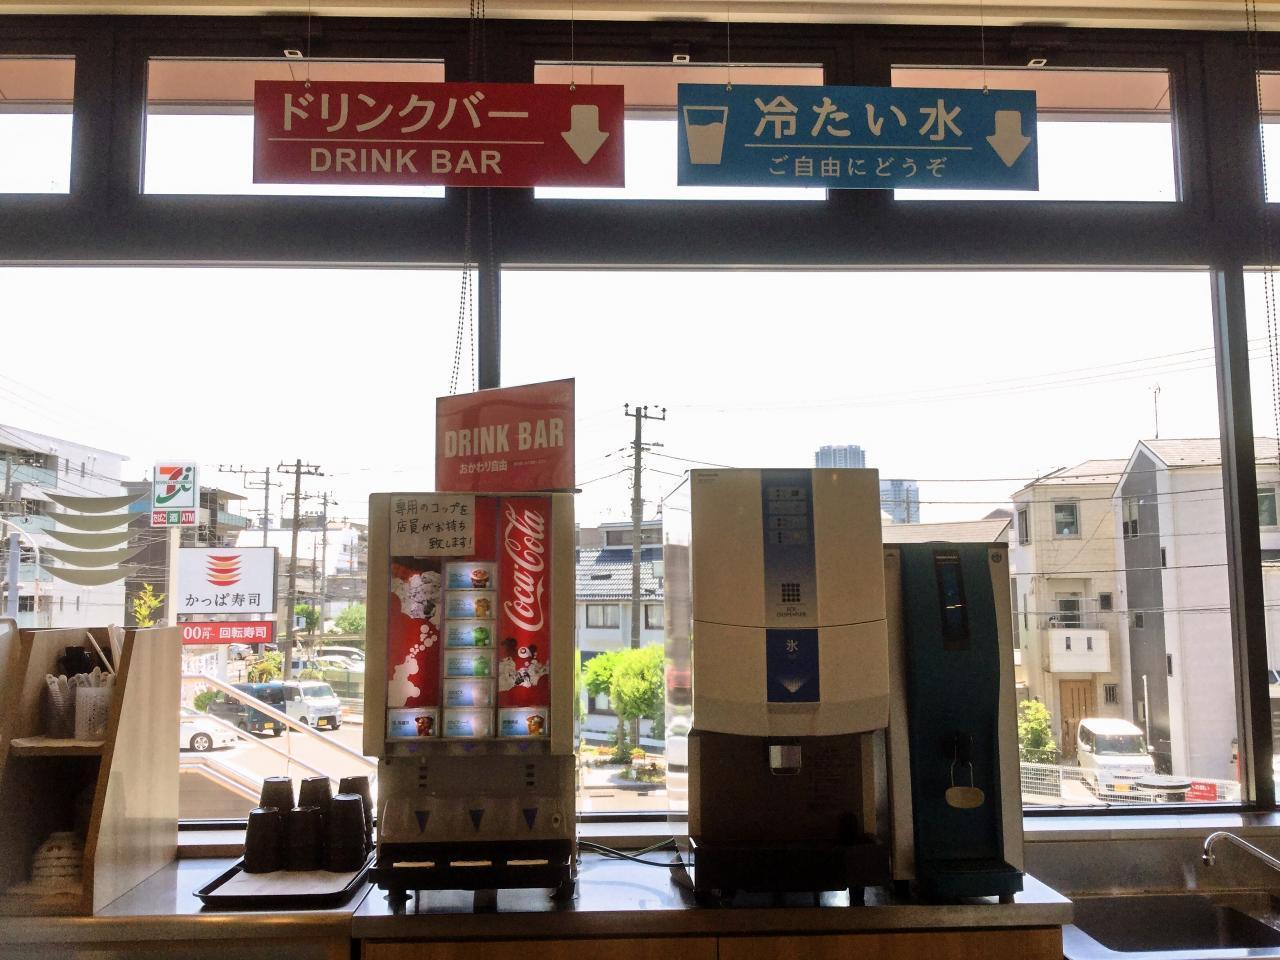 かっぱ寿司 川崎市ノ坪店(ドリンクバー)